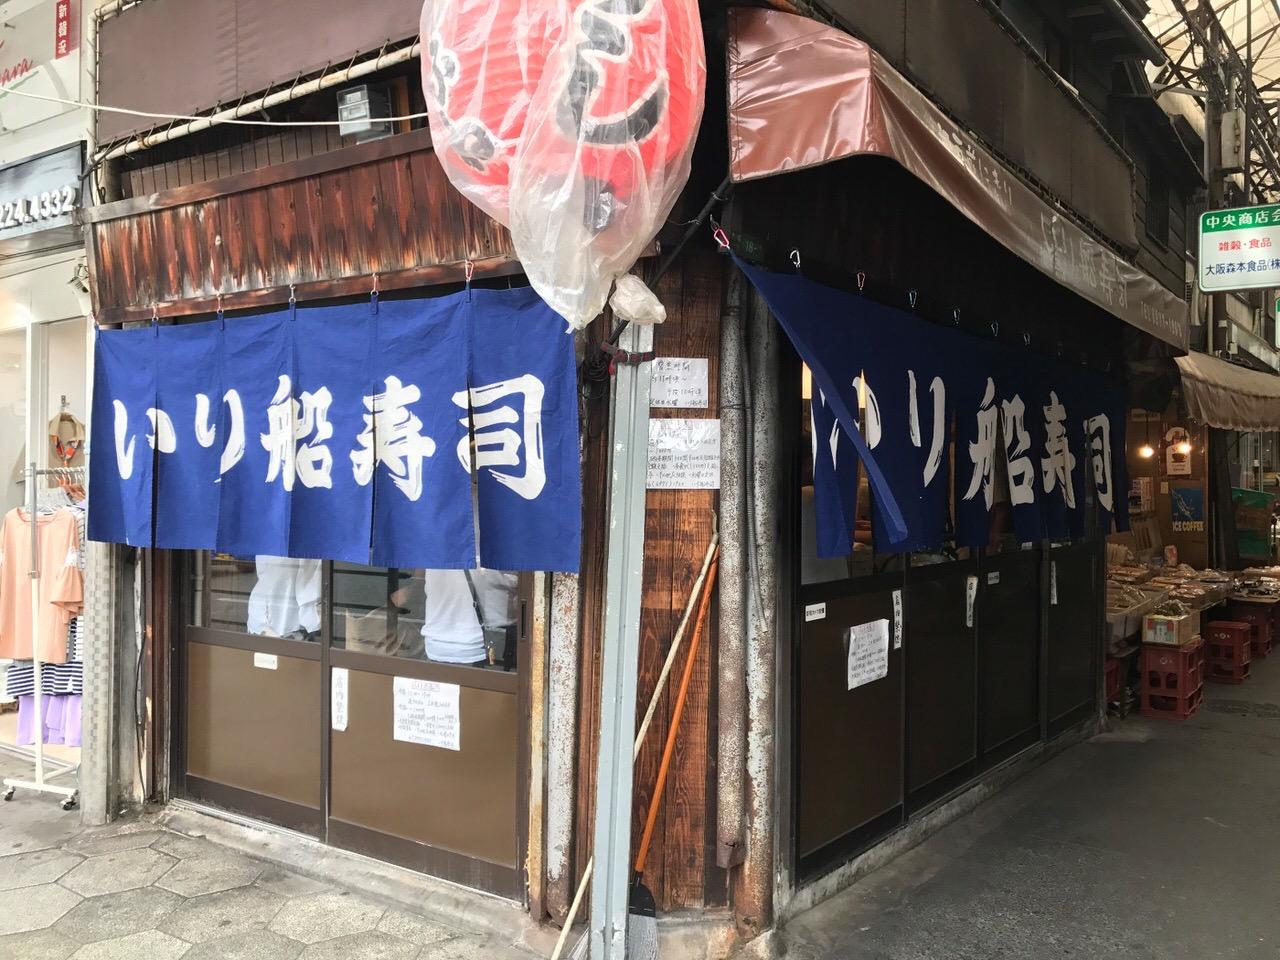 「入船寿司 本店」巨大ネタがブリブリして最高!鶴橋の寿司屋